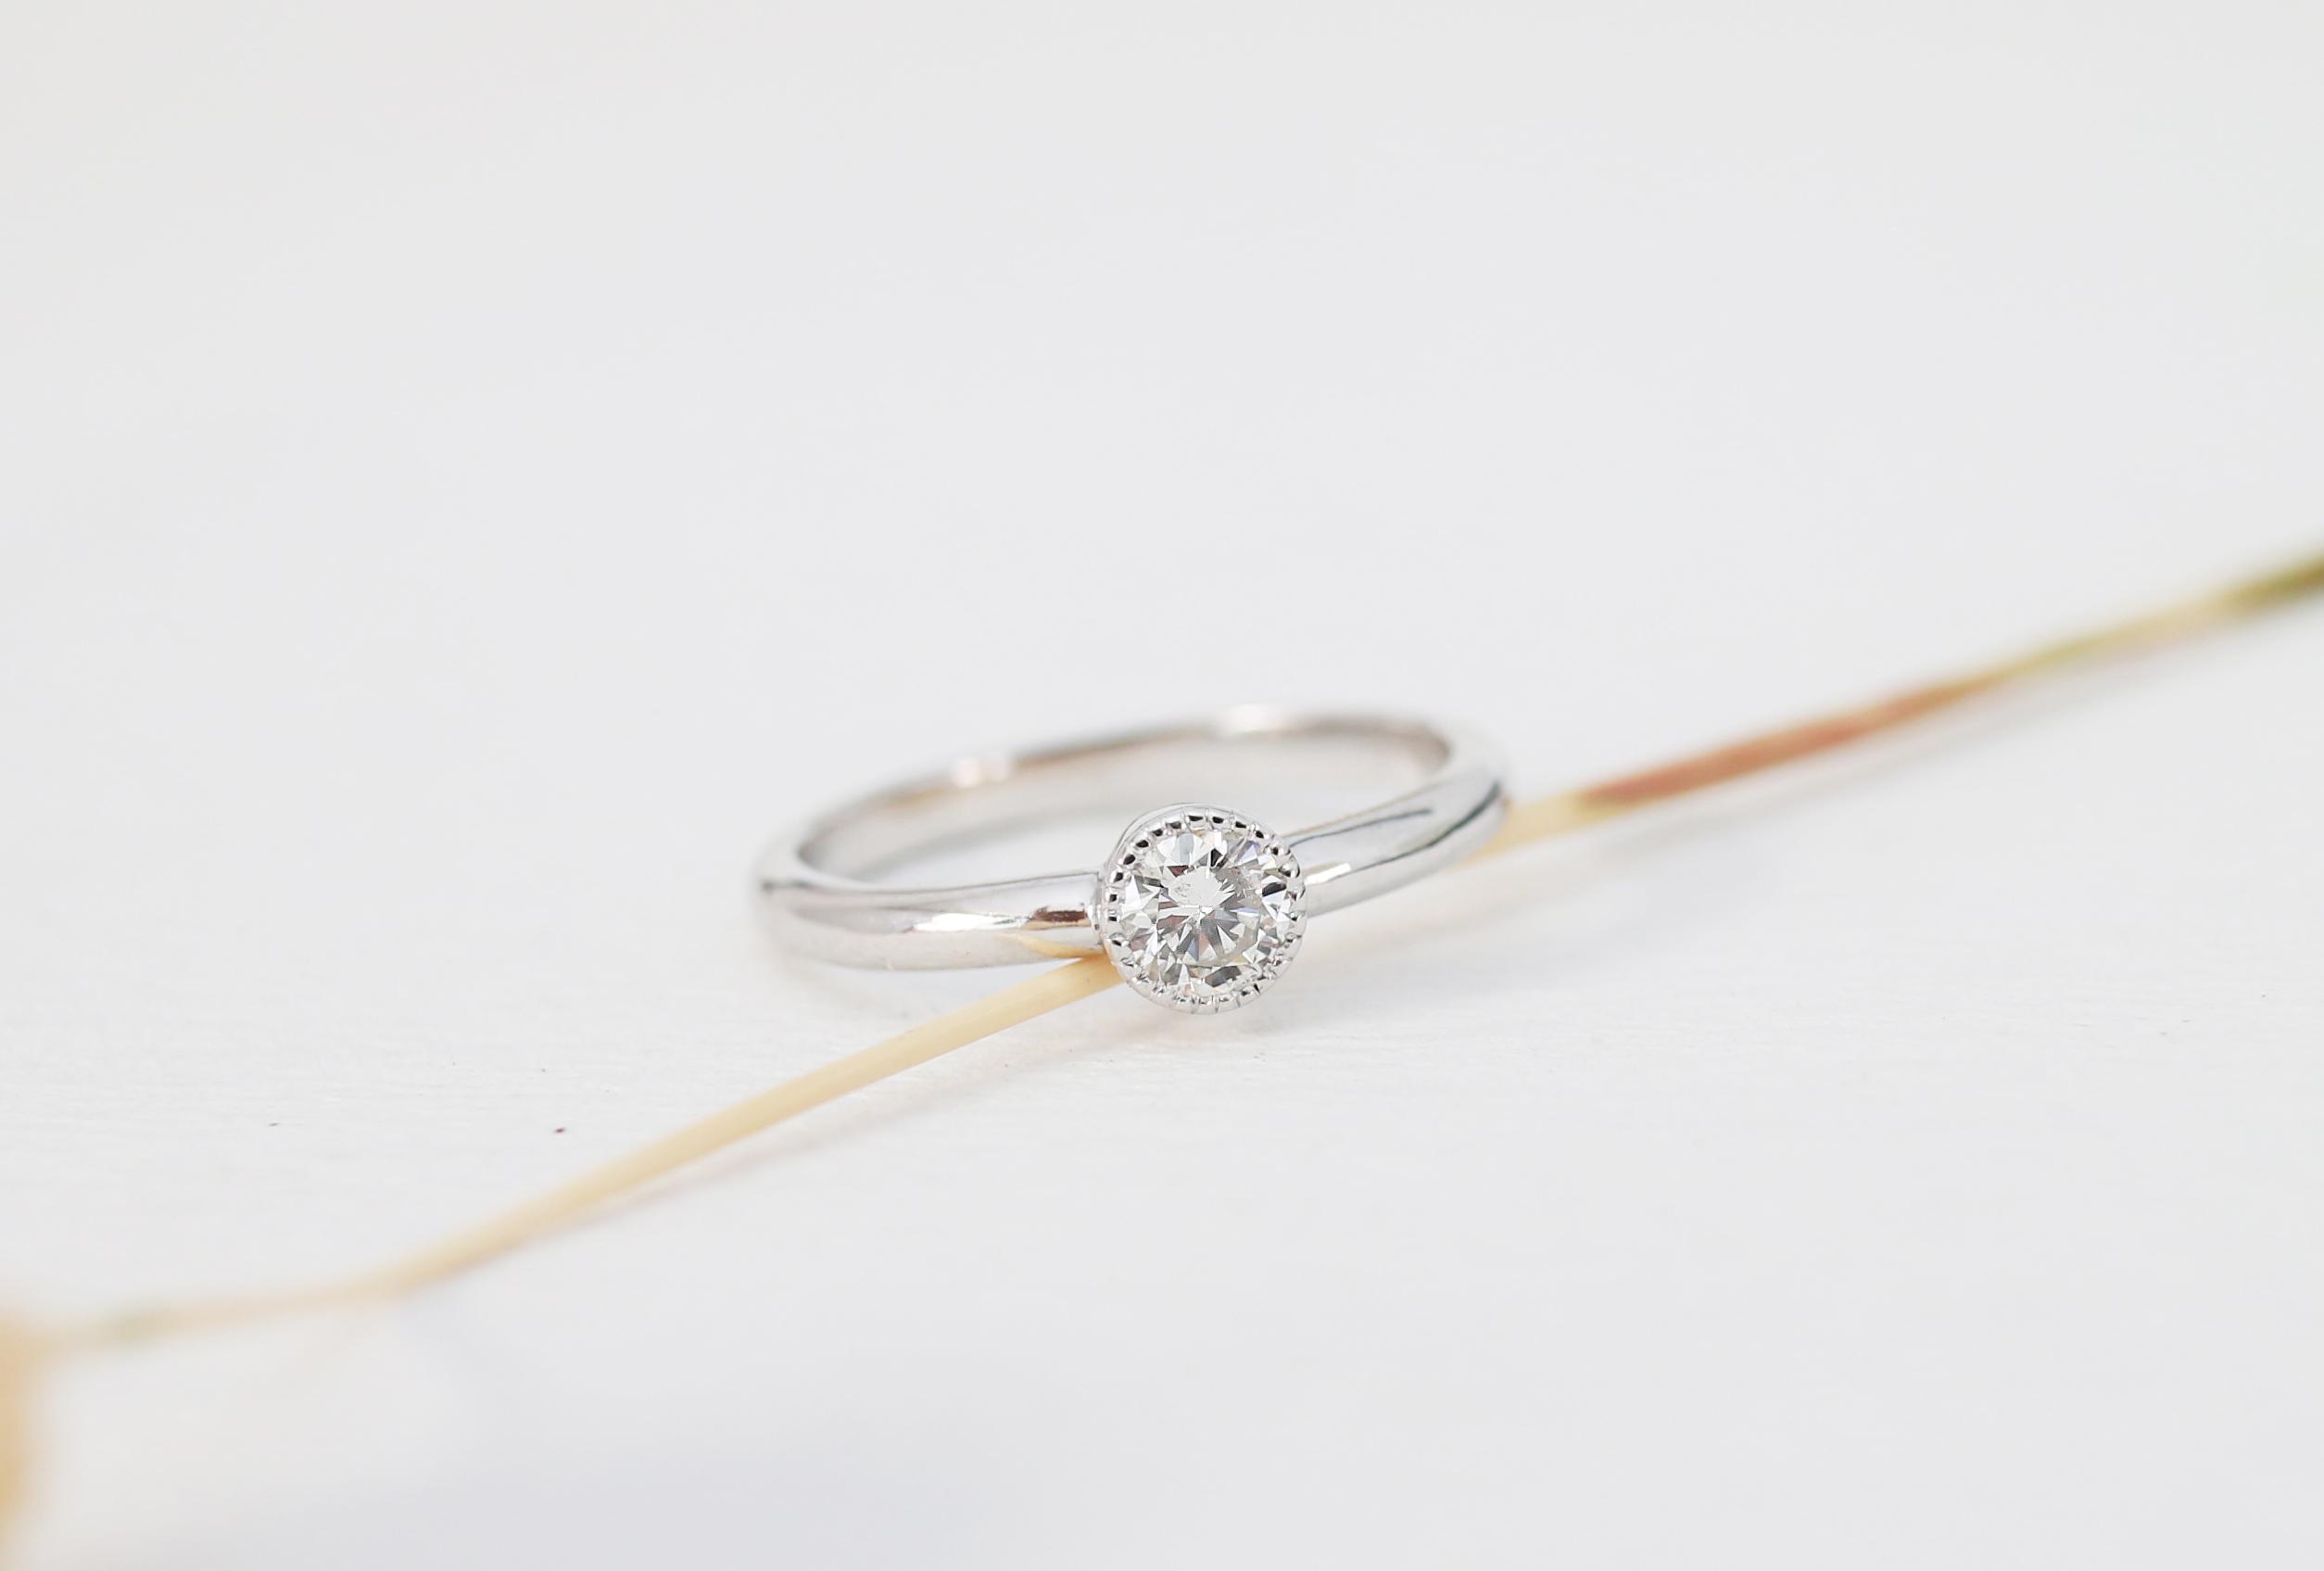 ミル打ちの婚約指輪(エンゲージリング)